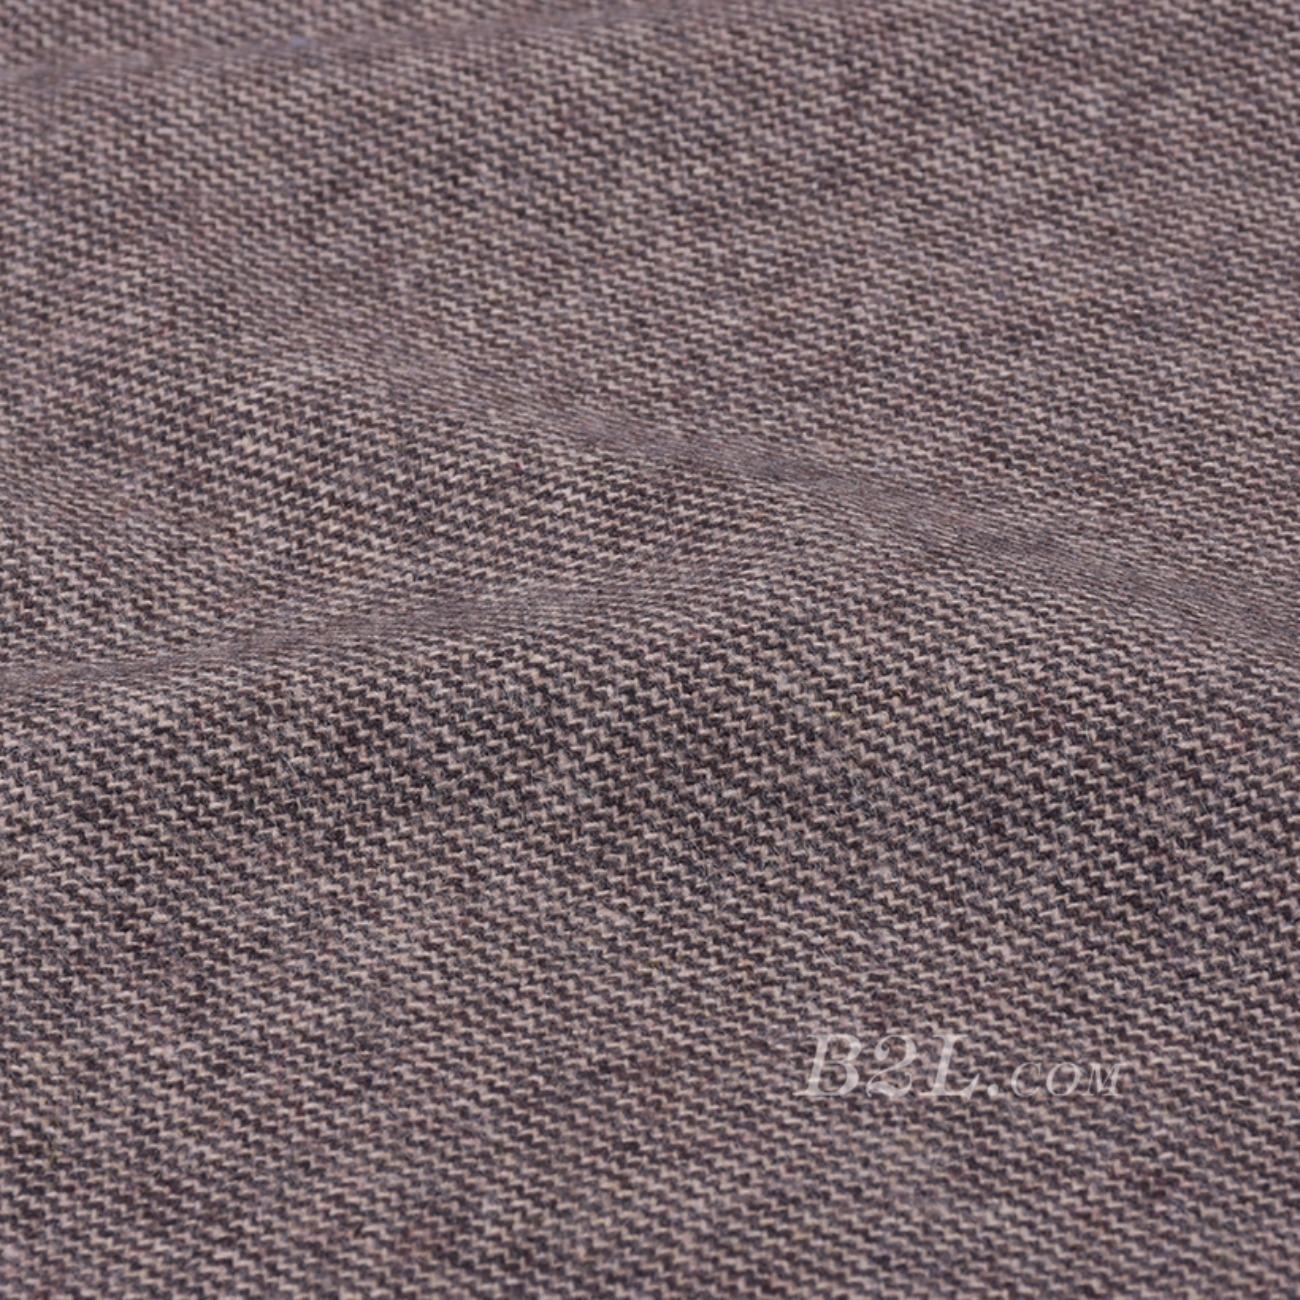 毛纺 梭织 羊毛 素色 无弹 厚 秋冬 外套 大衣 女装 80619-2